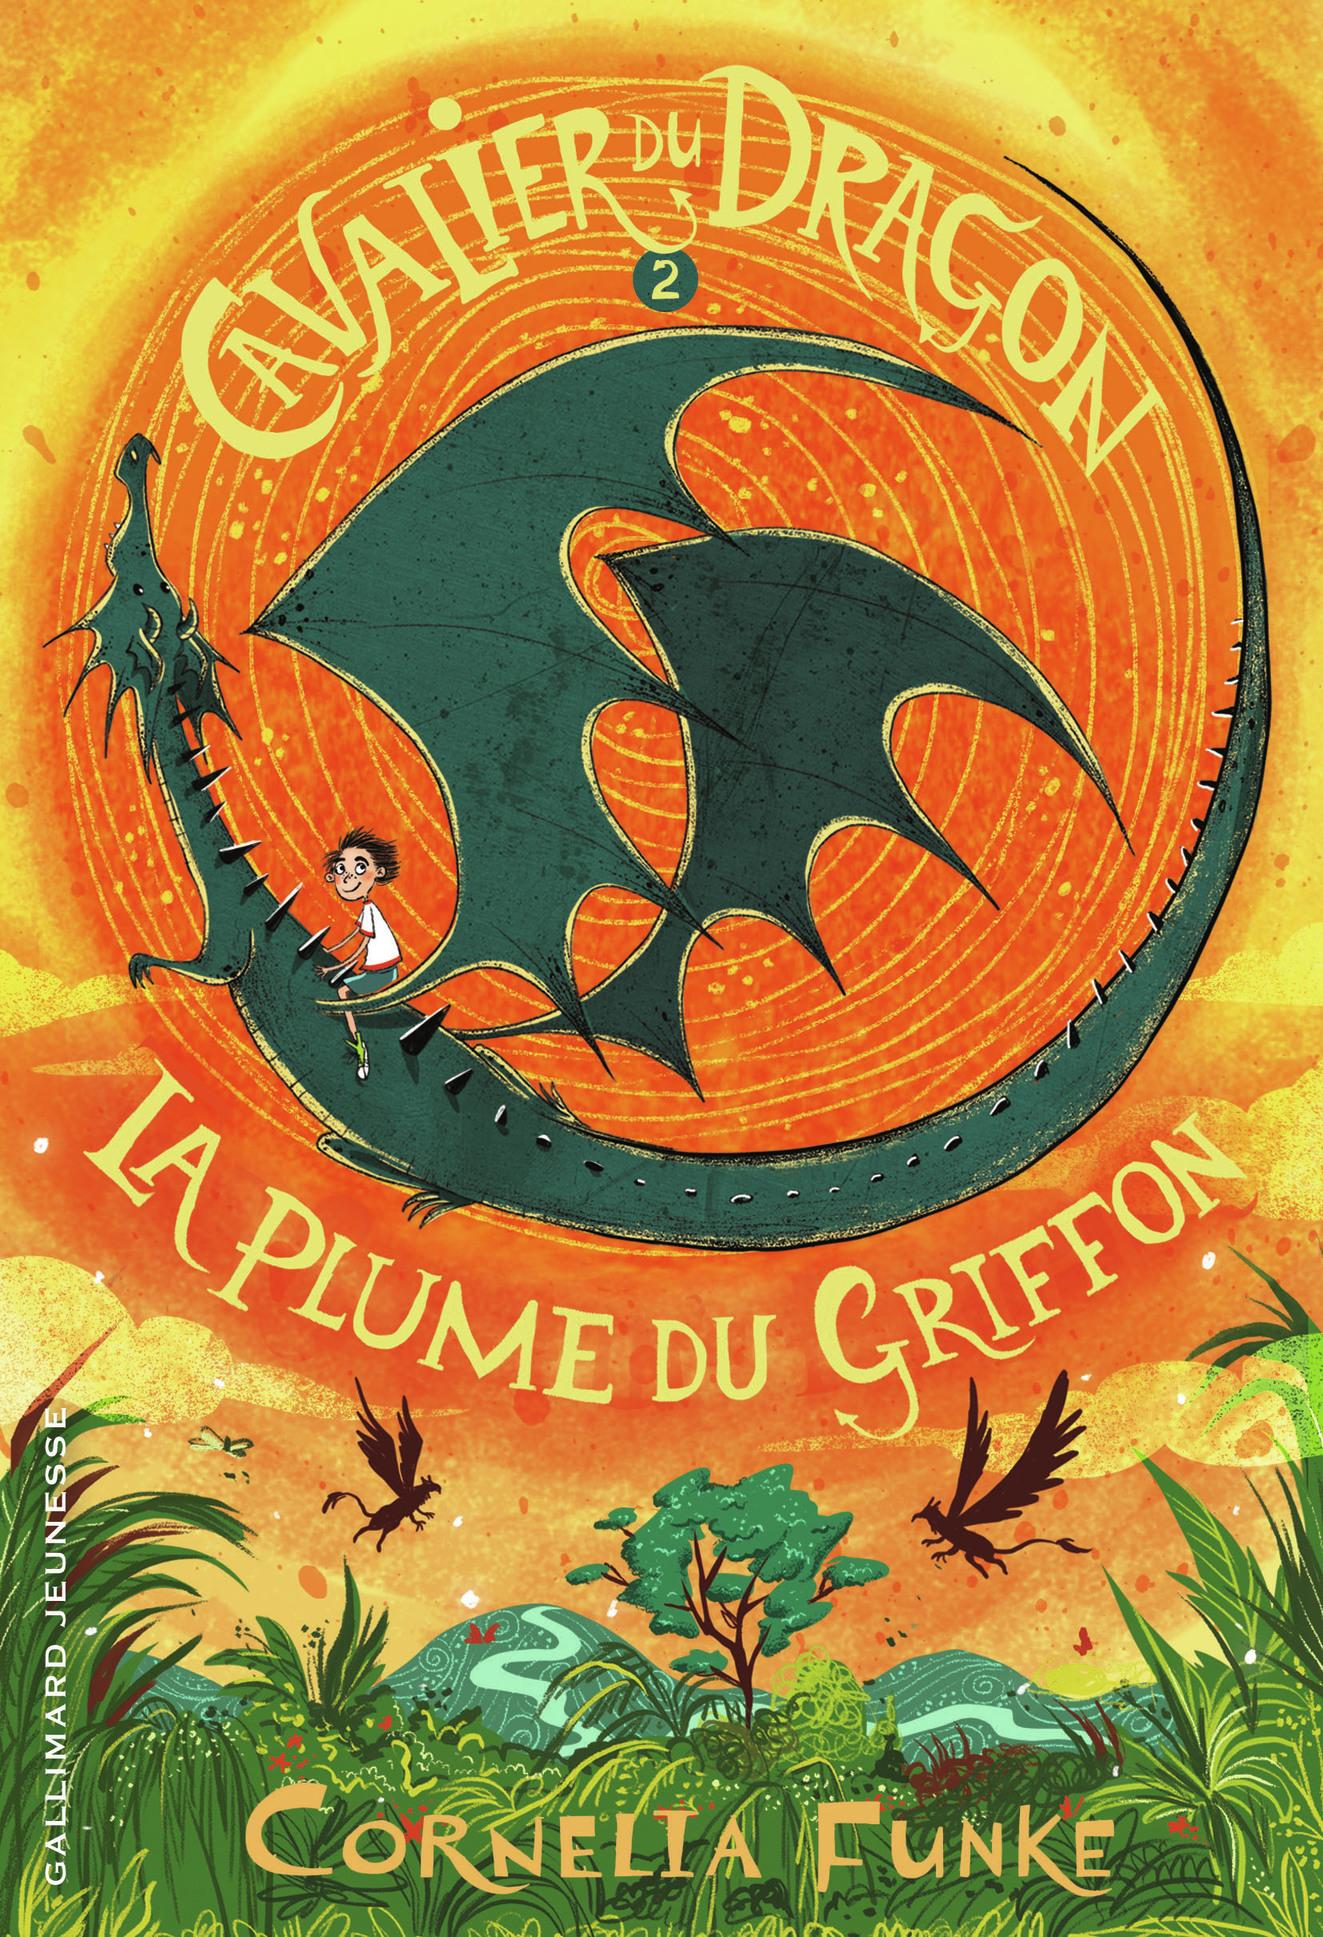 Cavalier du dragon (Tome 2) - La Plume du Griffon